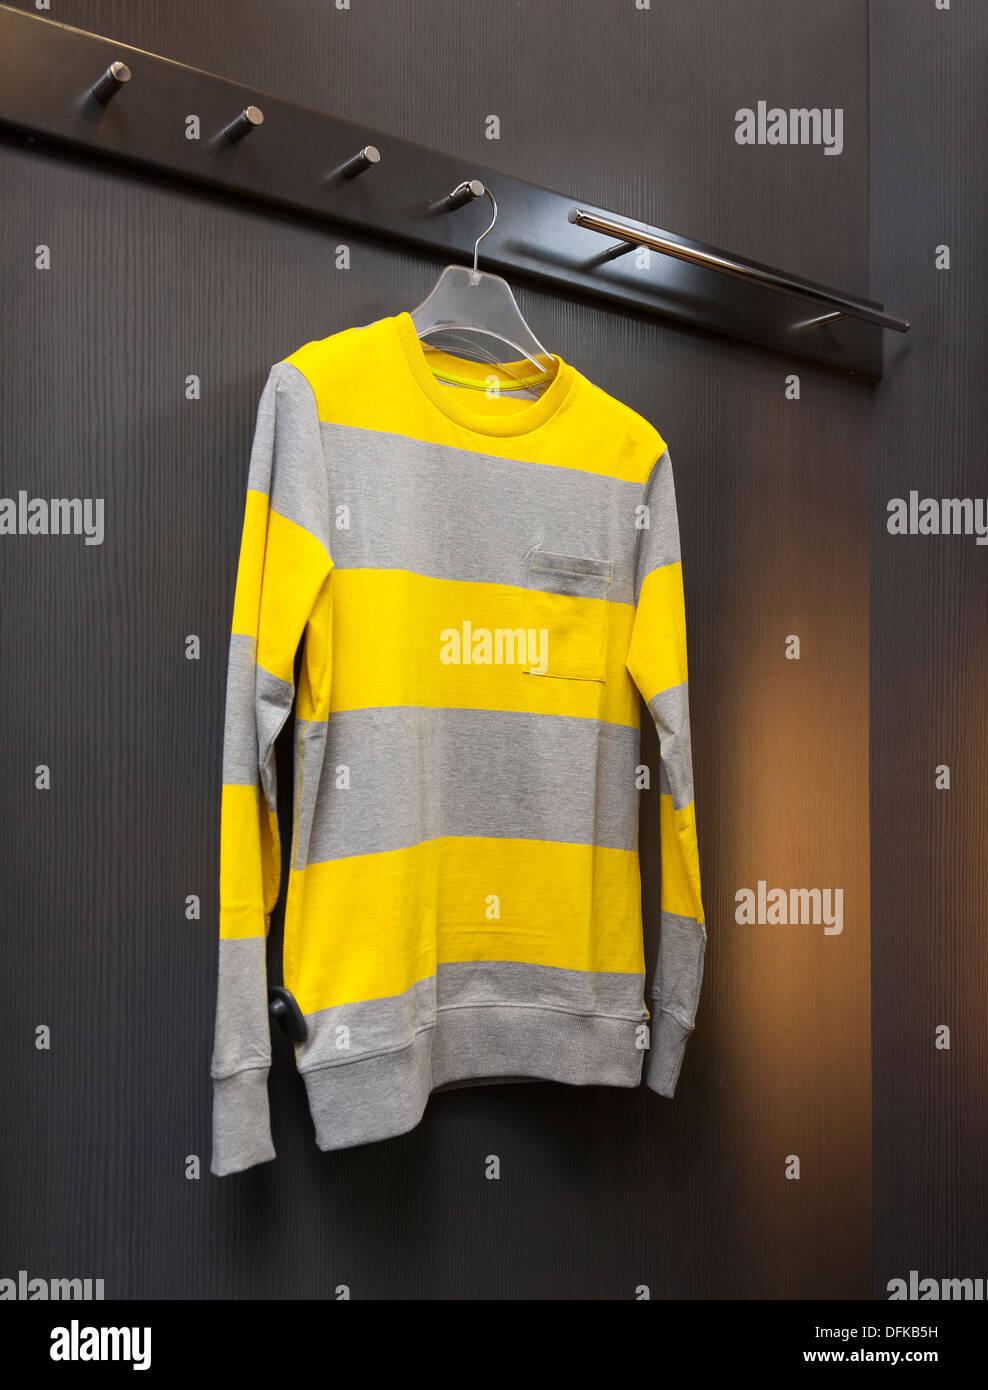 Chiusura del maglione, felpa in negozio al dettaglio cabina spogliatoio. Cambiare camera. Immagini Stock